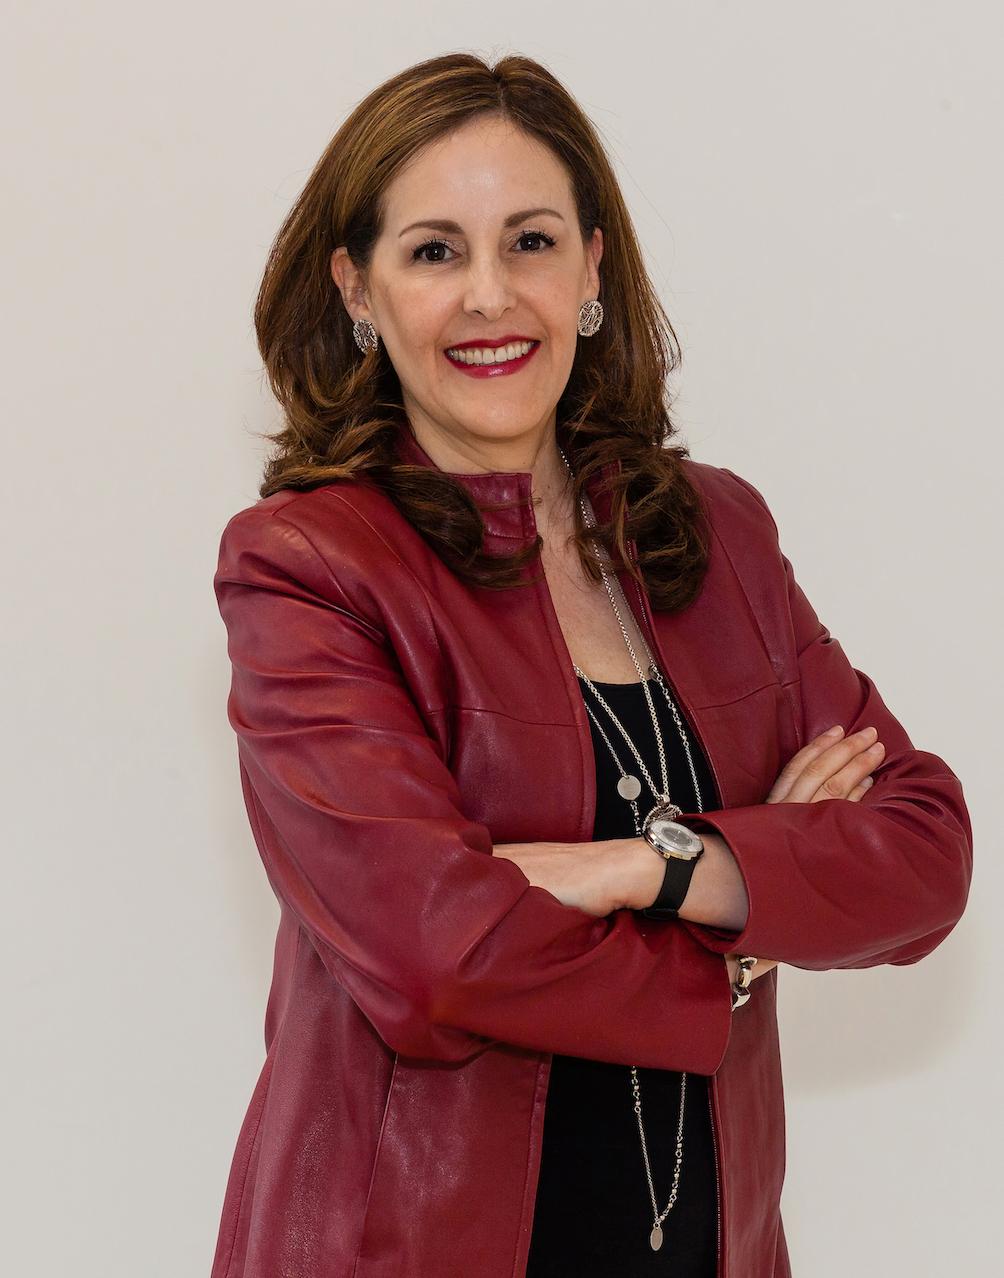 DR CLAUDIA MUNOZ